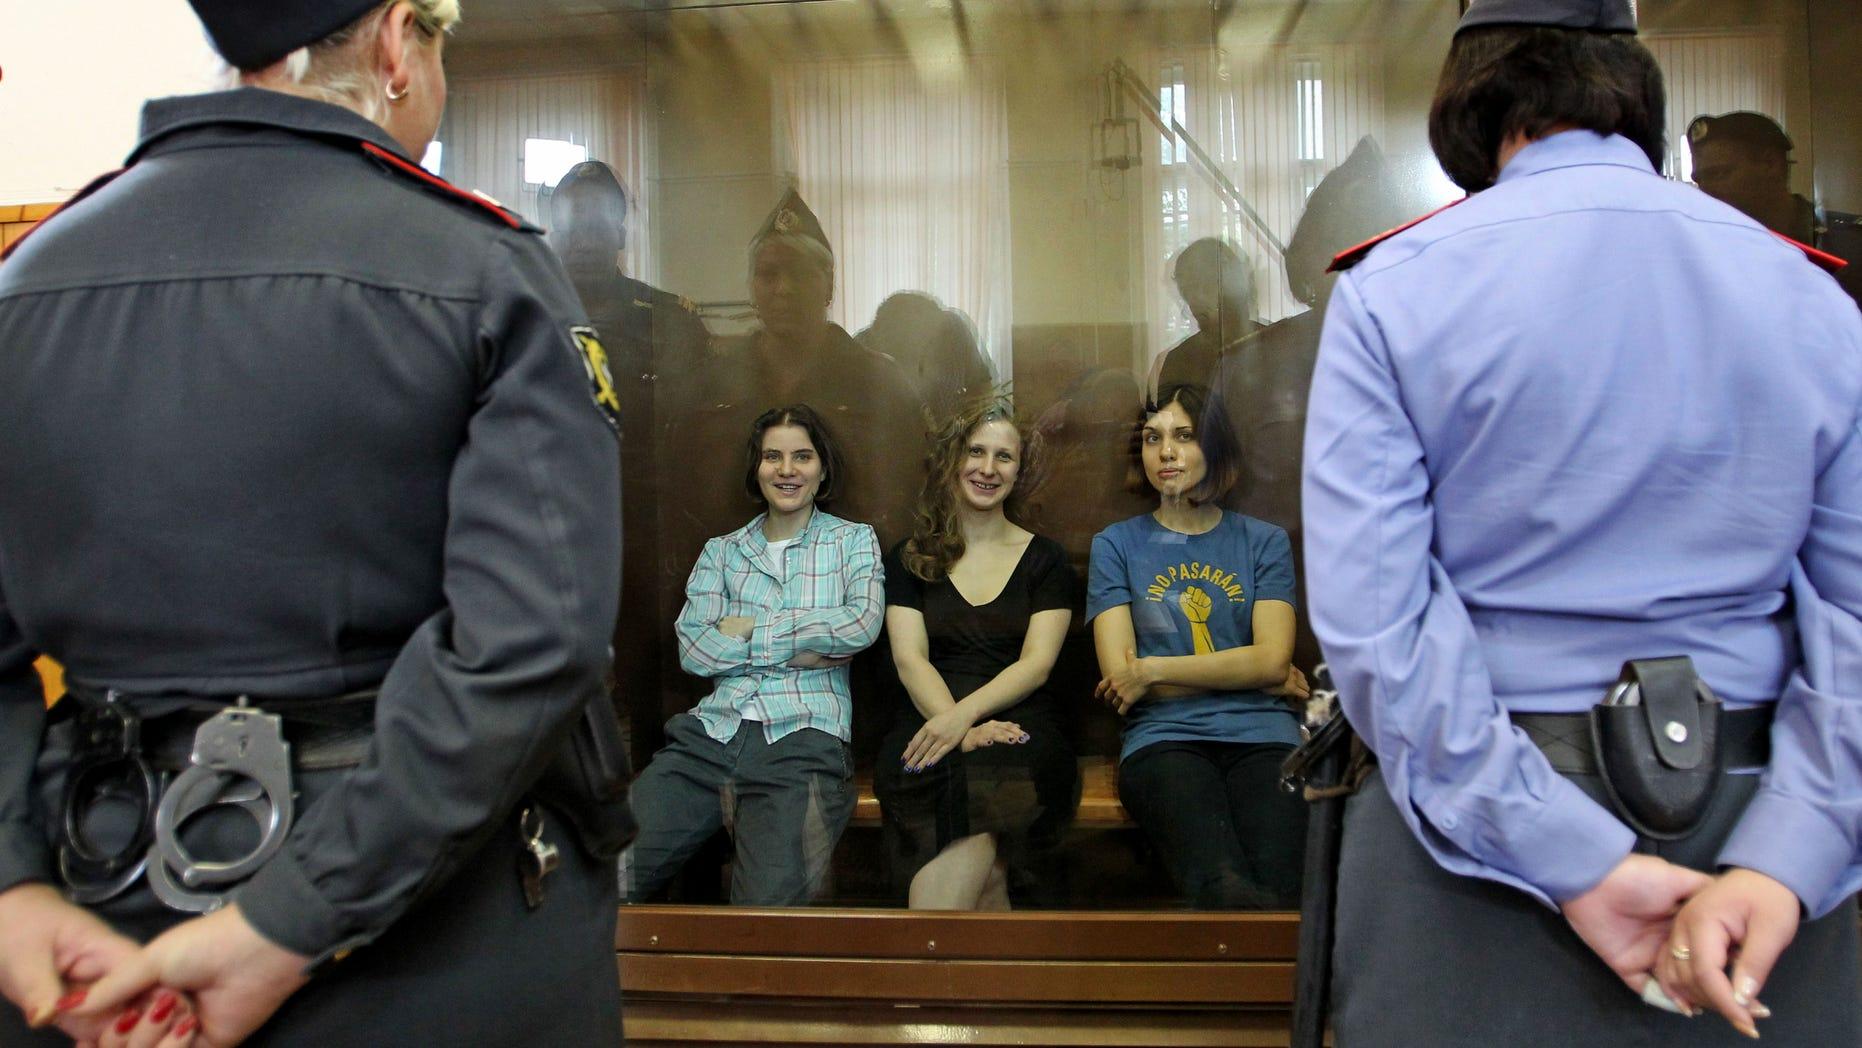 Las miembros de la banda de rock punk Pussy Riot, de izquierda a derecha Yekaterina Samutsevich, Maria Alekhina y Nadezhda Tolokonnikova en n tribunal de Moscú el viernes 17 de agosto del 2012. Fueron encontradas culpables de desacato a la autoridad pública. (Foto AP/Mikhail Metzel)